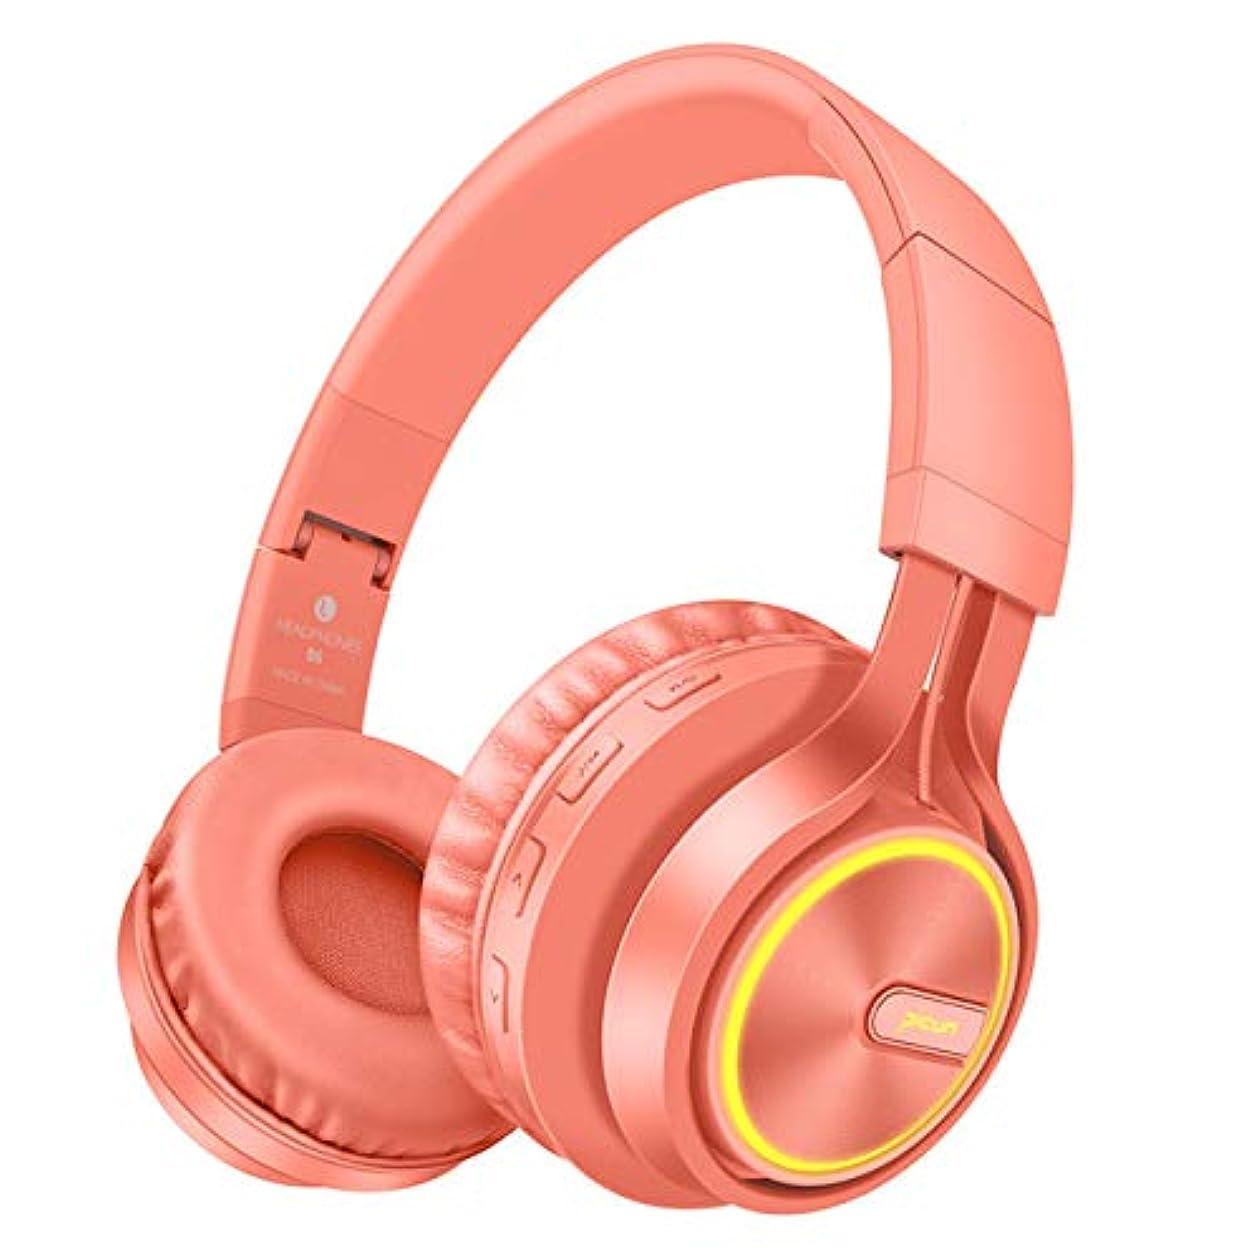 すでにスティック比較ACHICOO Bluetoothイヤホン ワイヤレスヘッドフォン B6 Bluetooth 4.1 ヘッドフォン グローイングヘッドセット ステレオ マイク付き コーラルオレンジ